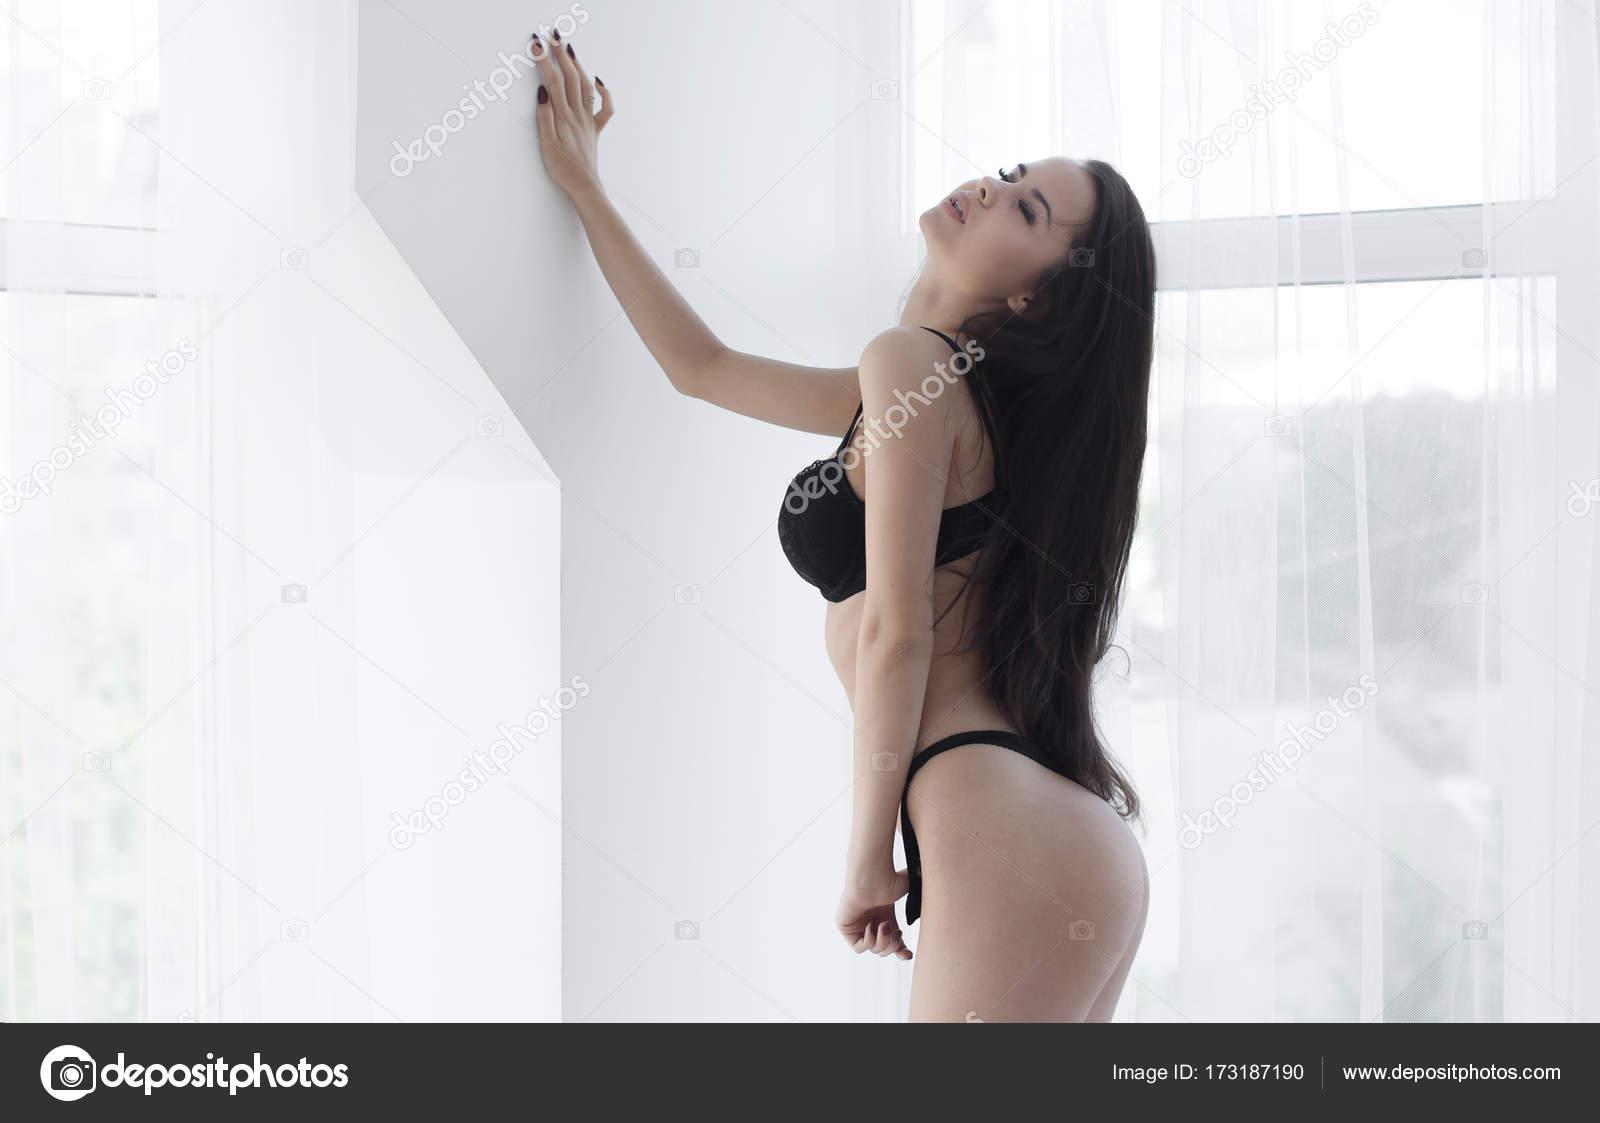 Оргазм на фотосессии